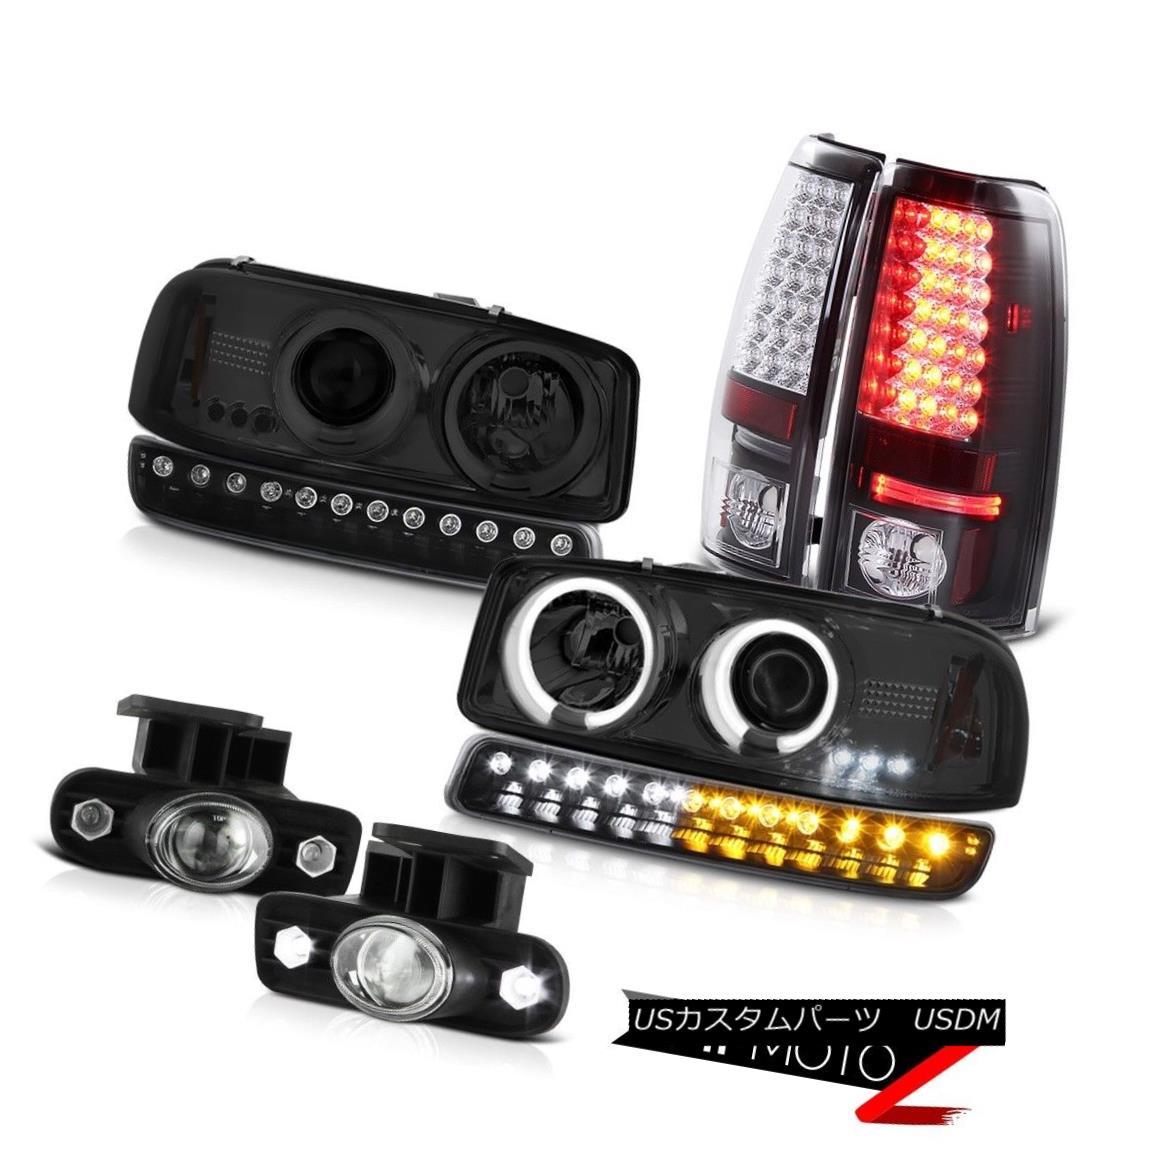 ヘッドライト 99-02 Sierra SLE Chrome foglights black smd taillamps bumper lamp ccfl headlamps 99-02シエラSLEクロームフォグライトブラックとテールライトバンパーランプccflヘッドライト